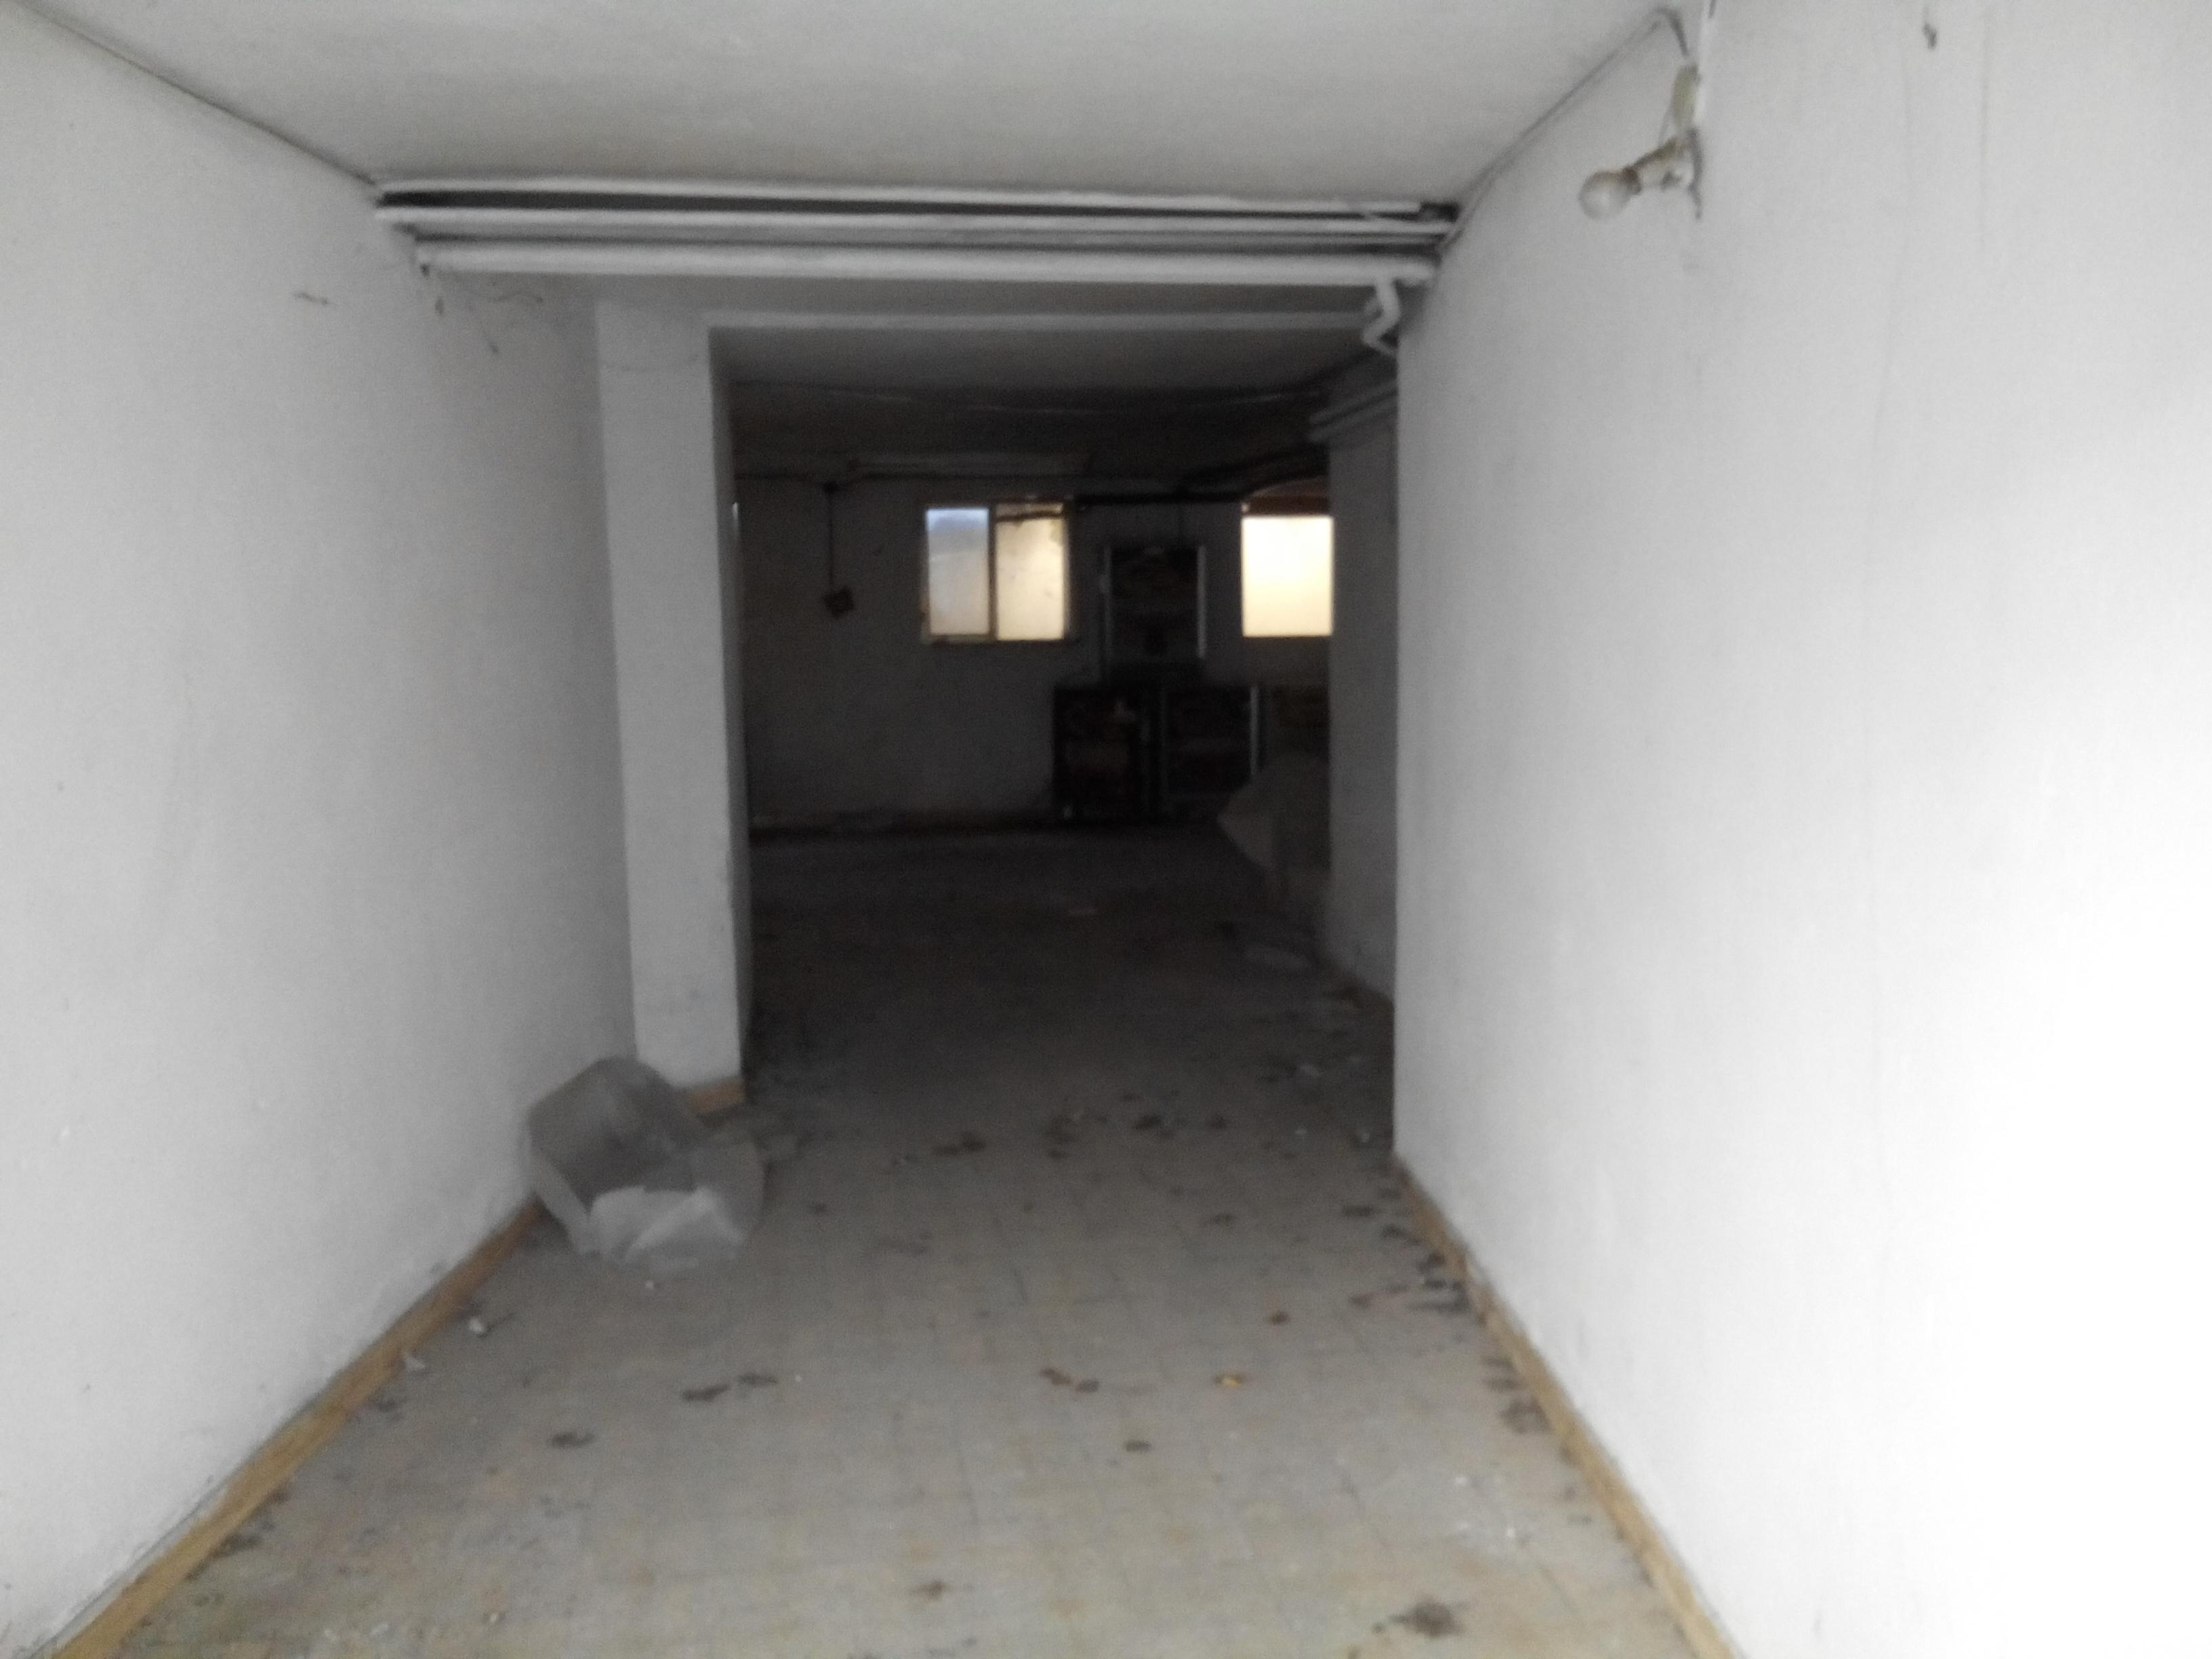 Magazzino autorimessa zona via sorio aeroporto for Piani di casa artigiano con garage di ingresso laterale